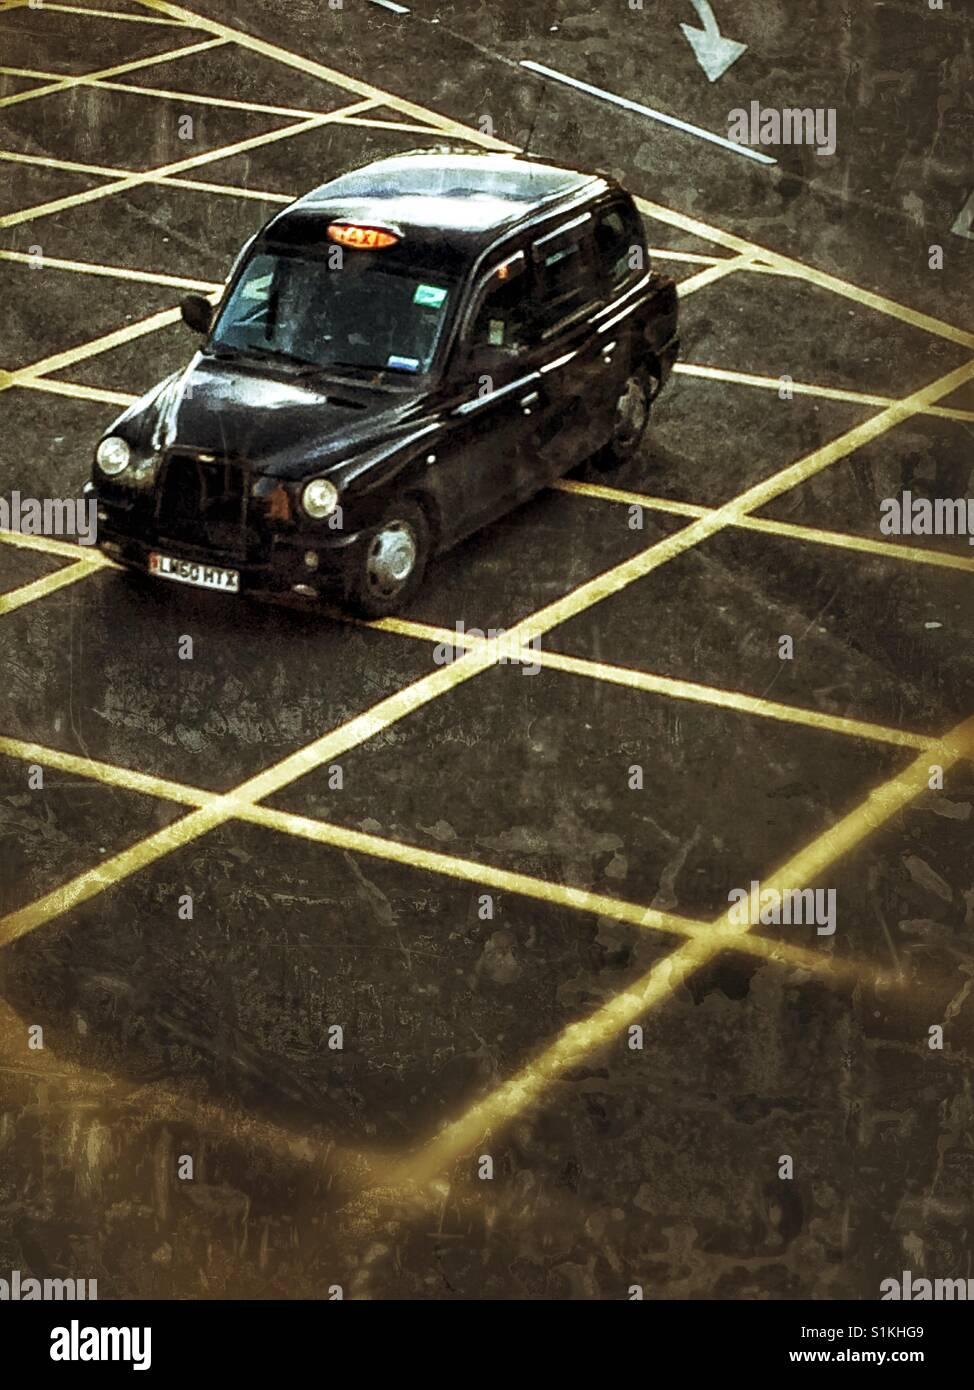 Mirando de arriba abajo en un Black Cab de Londres o taxi amarillo surcando las líneas de emergencia en una calle Foto de stock